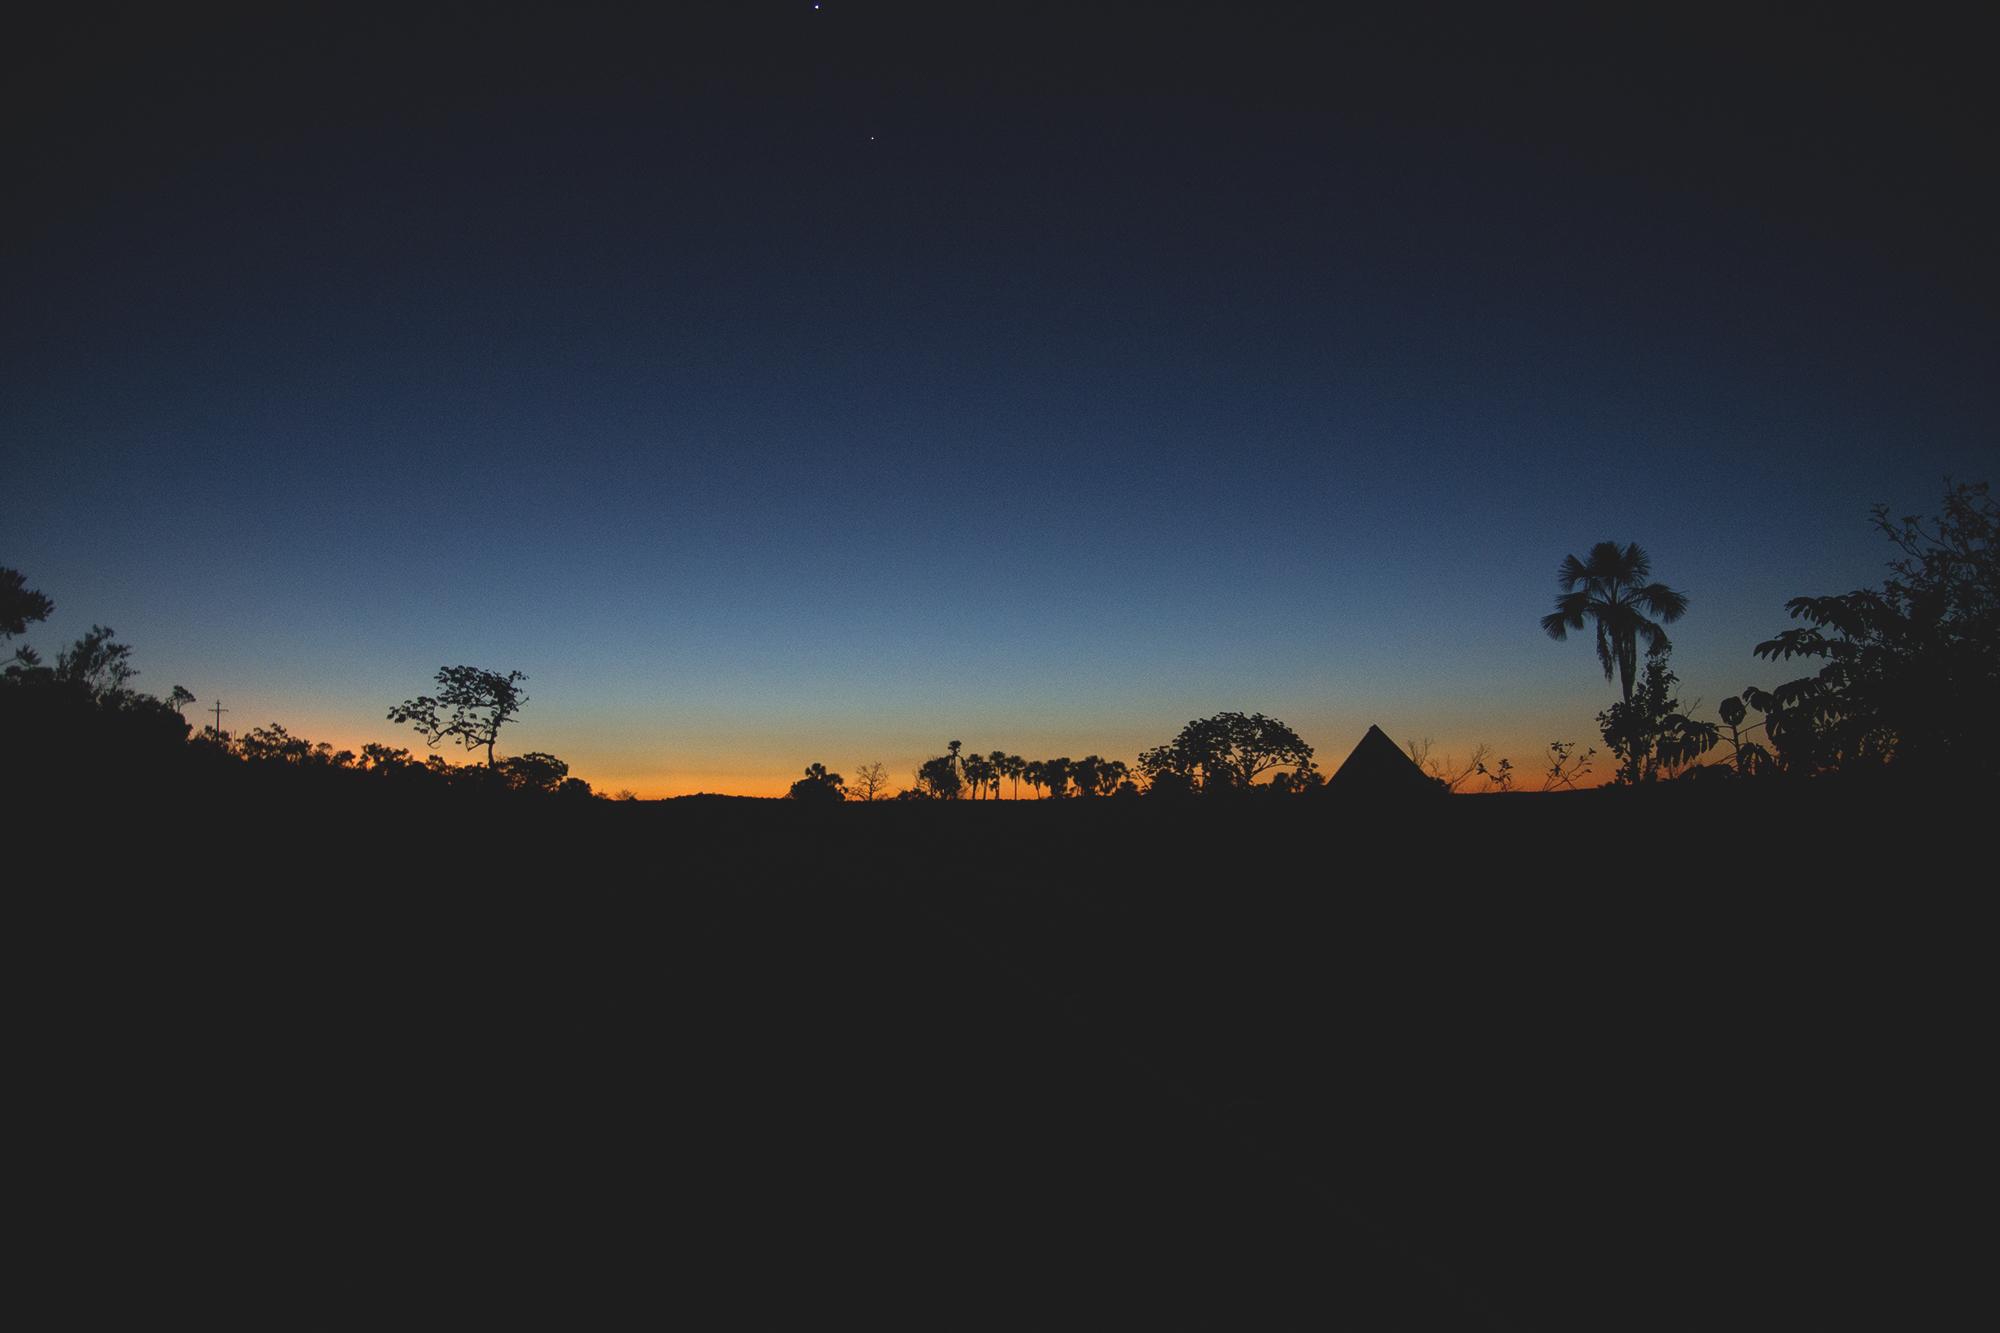 E pra finalizar as fotos de paisagens, um pôr do sol, lindo, aquele anoitecer de dar inveja sabe. Azul como um mar e LINDO <3